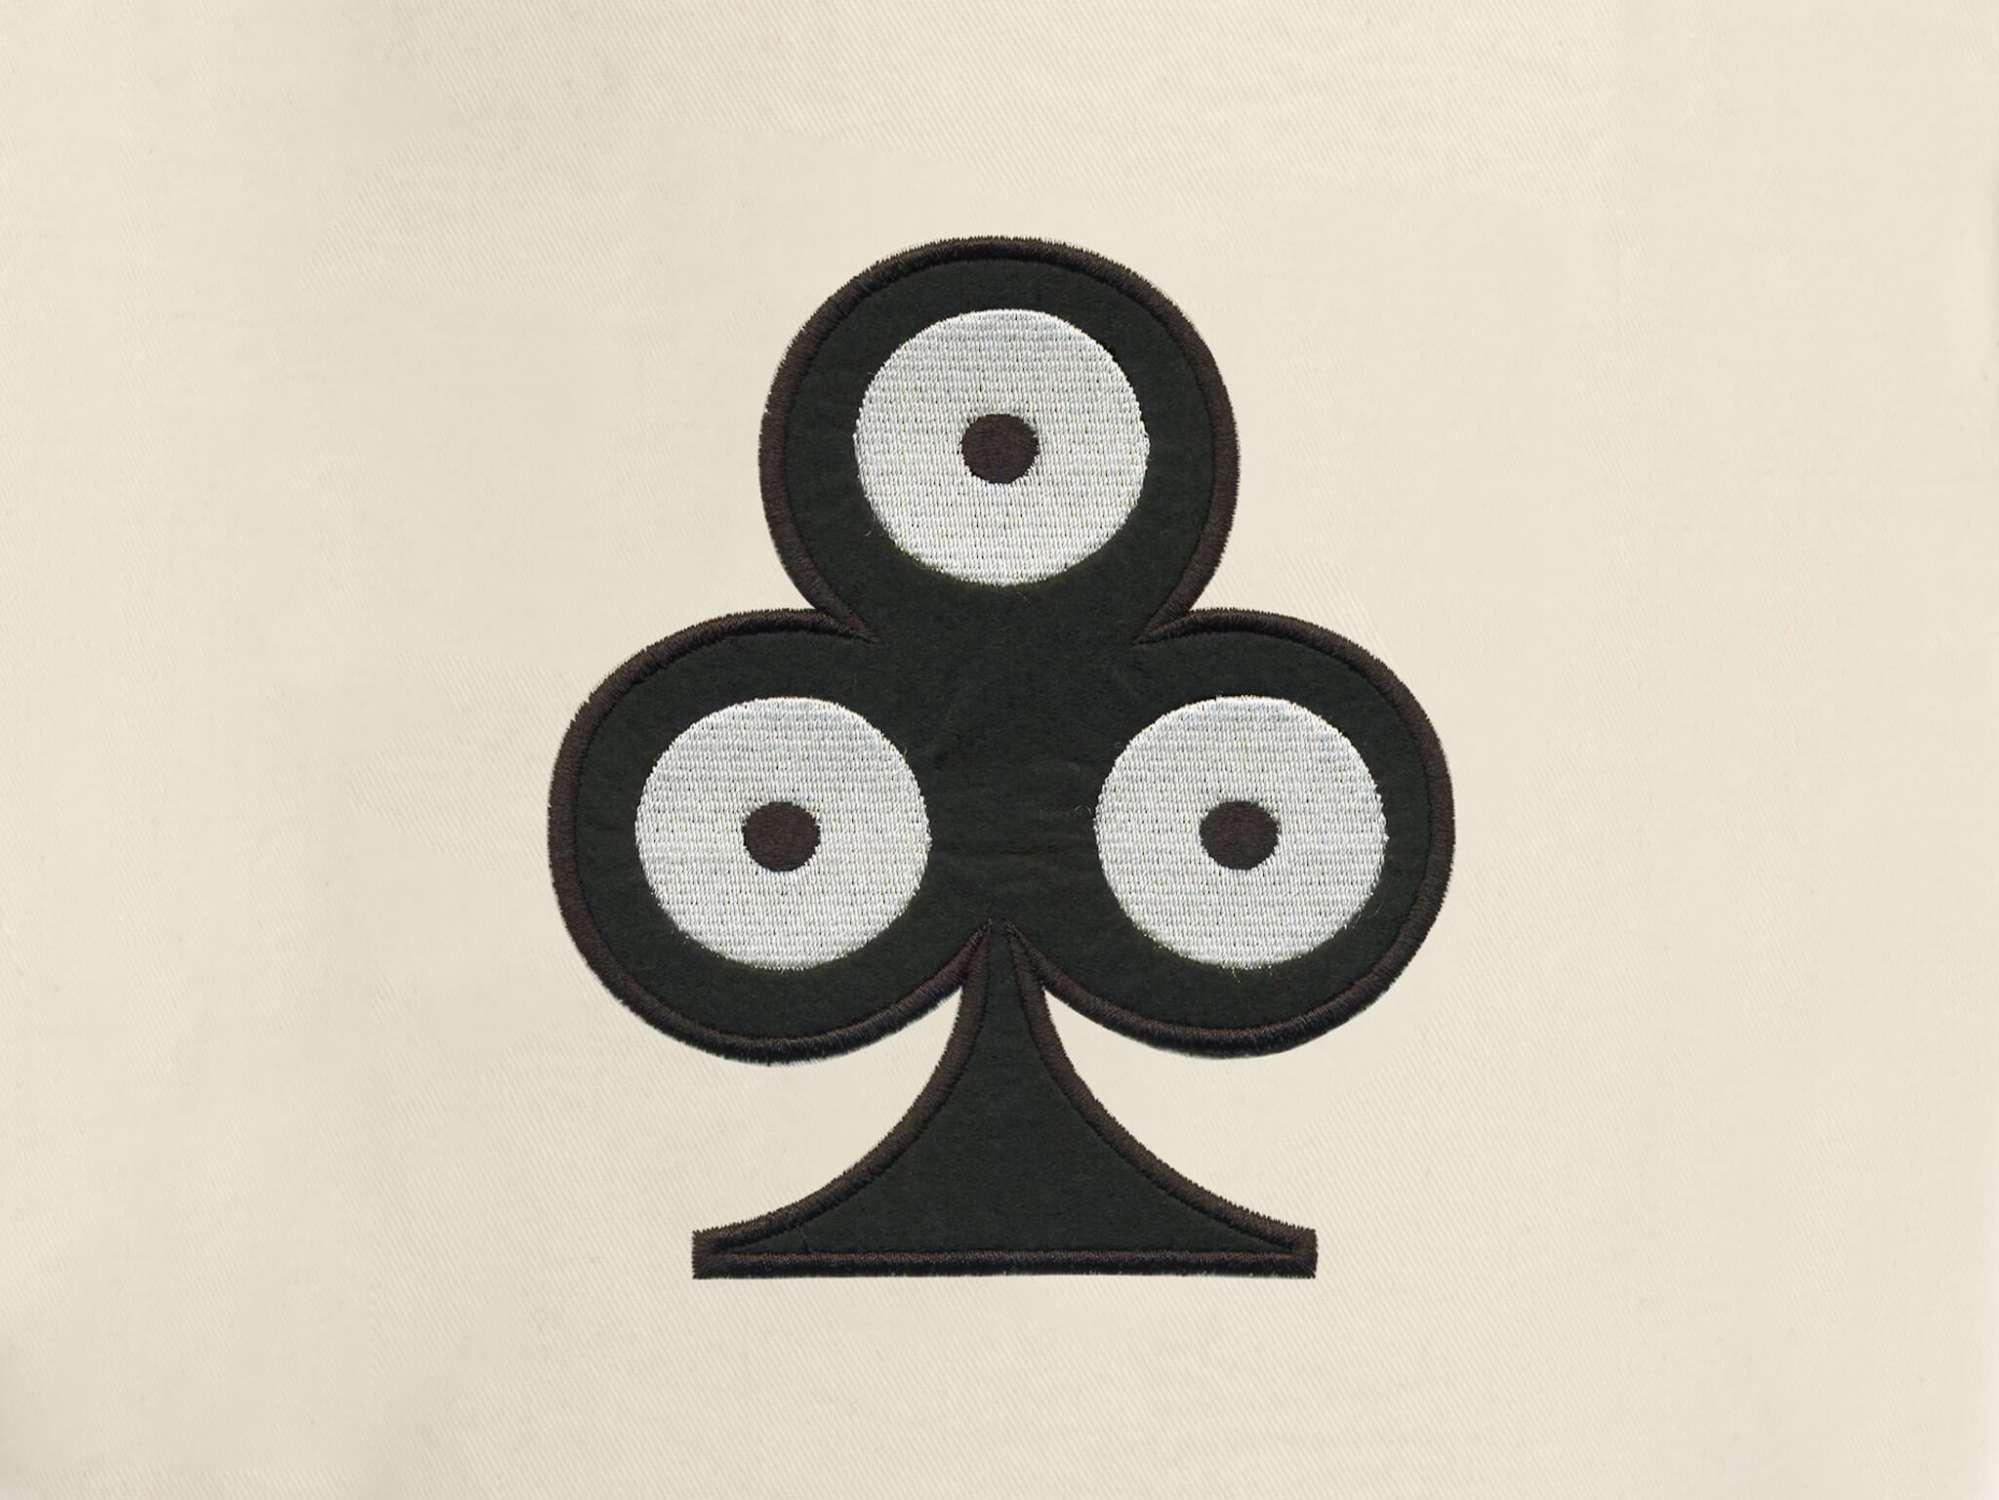 détail de la trousse pokerface trèfle, elle reprend le motif trèfle pokerface phares du studio Ich&Kar.